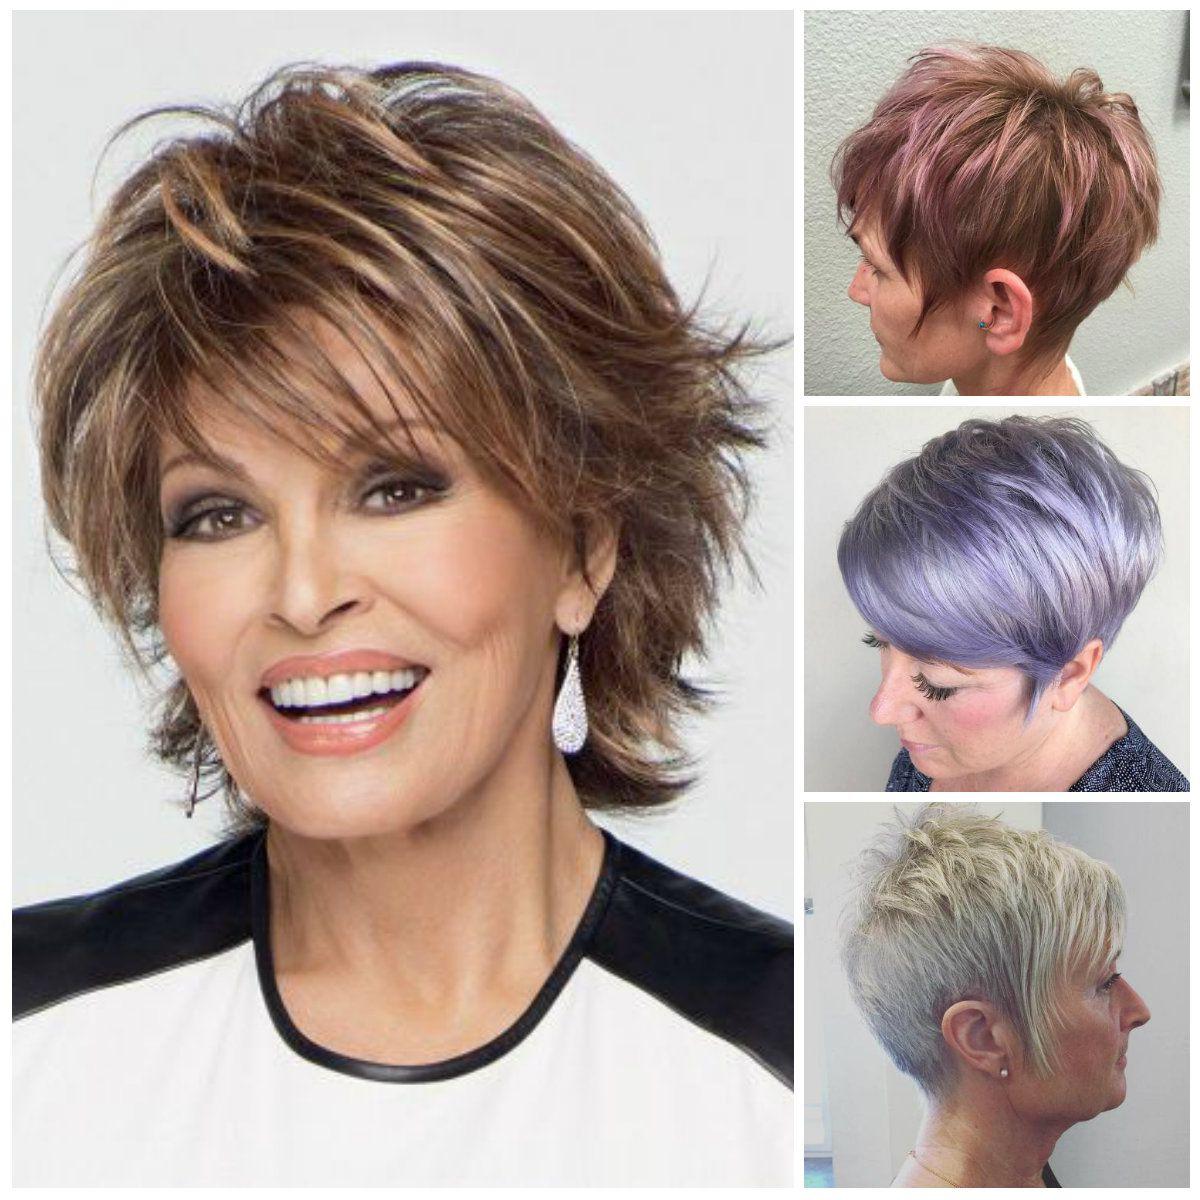 2017 Short Hairstyles For Older Women | Short Hair Cuts In 2018 Within Older Women Short Haircuts (View 21 of 25)